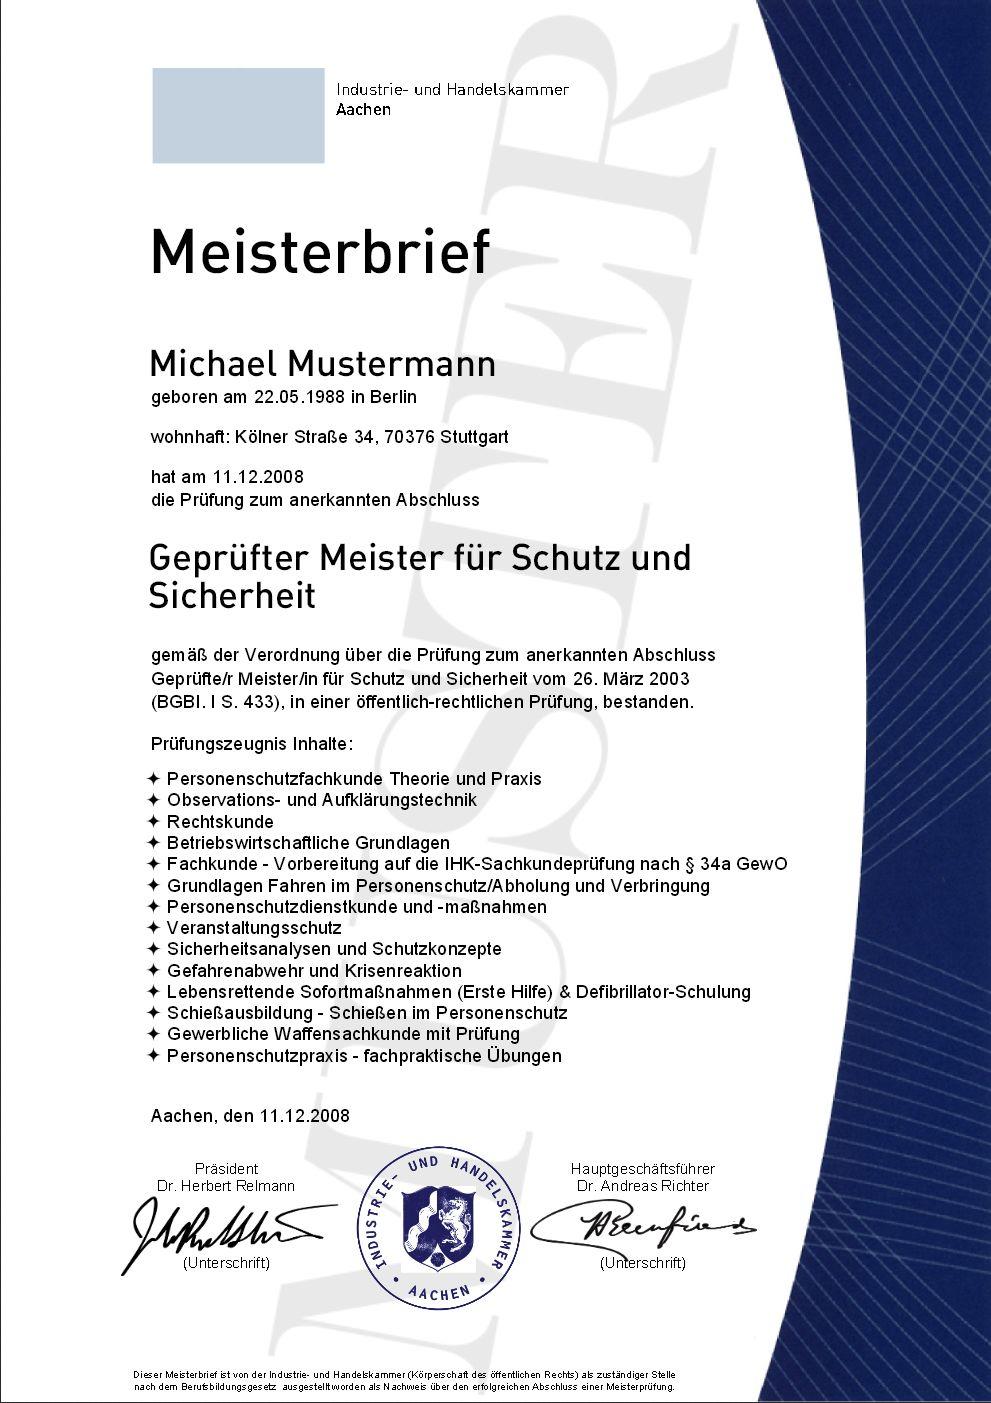 Schön Bester Ort Um Diplomrahmen Zu Kaufen Bilder - Rahmen Ideen ...